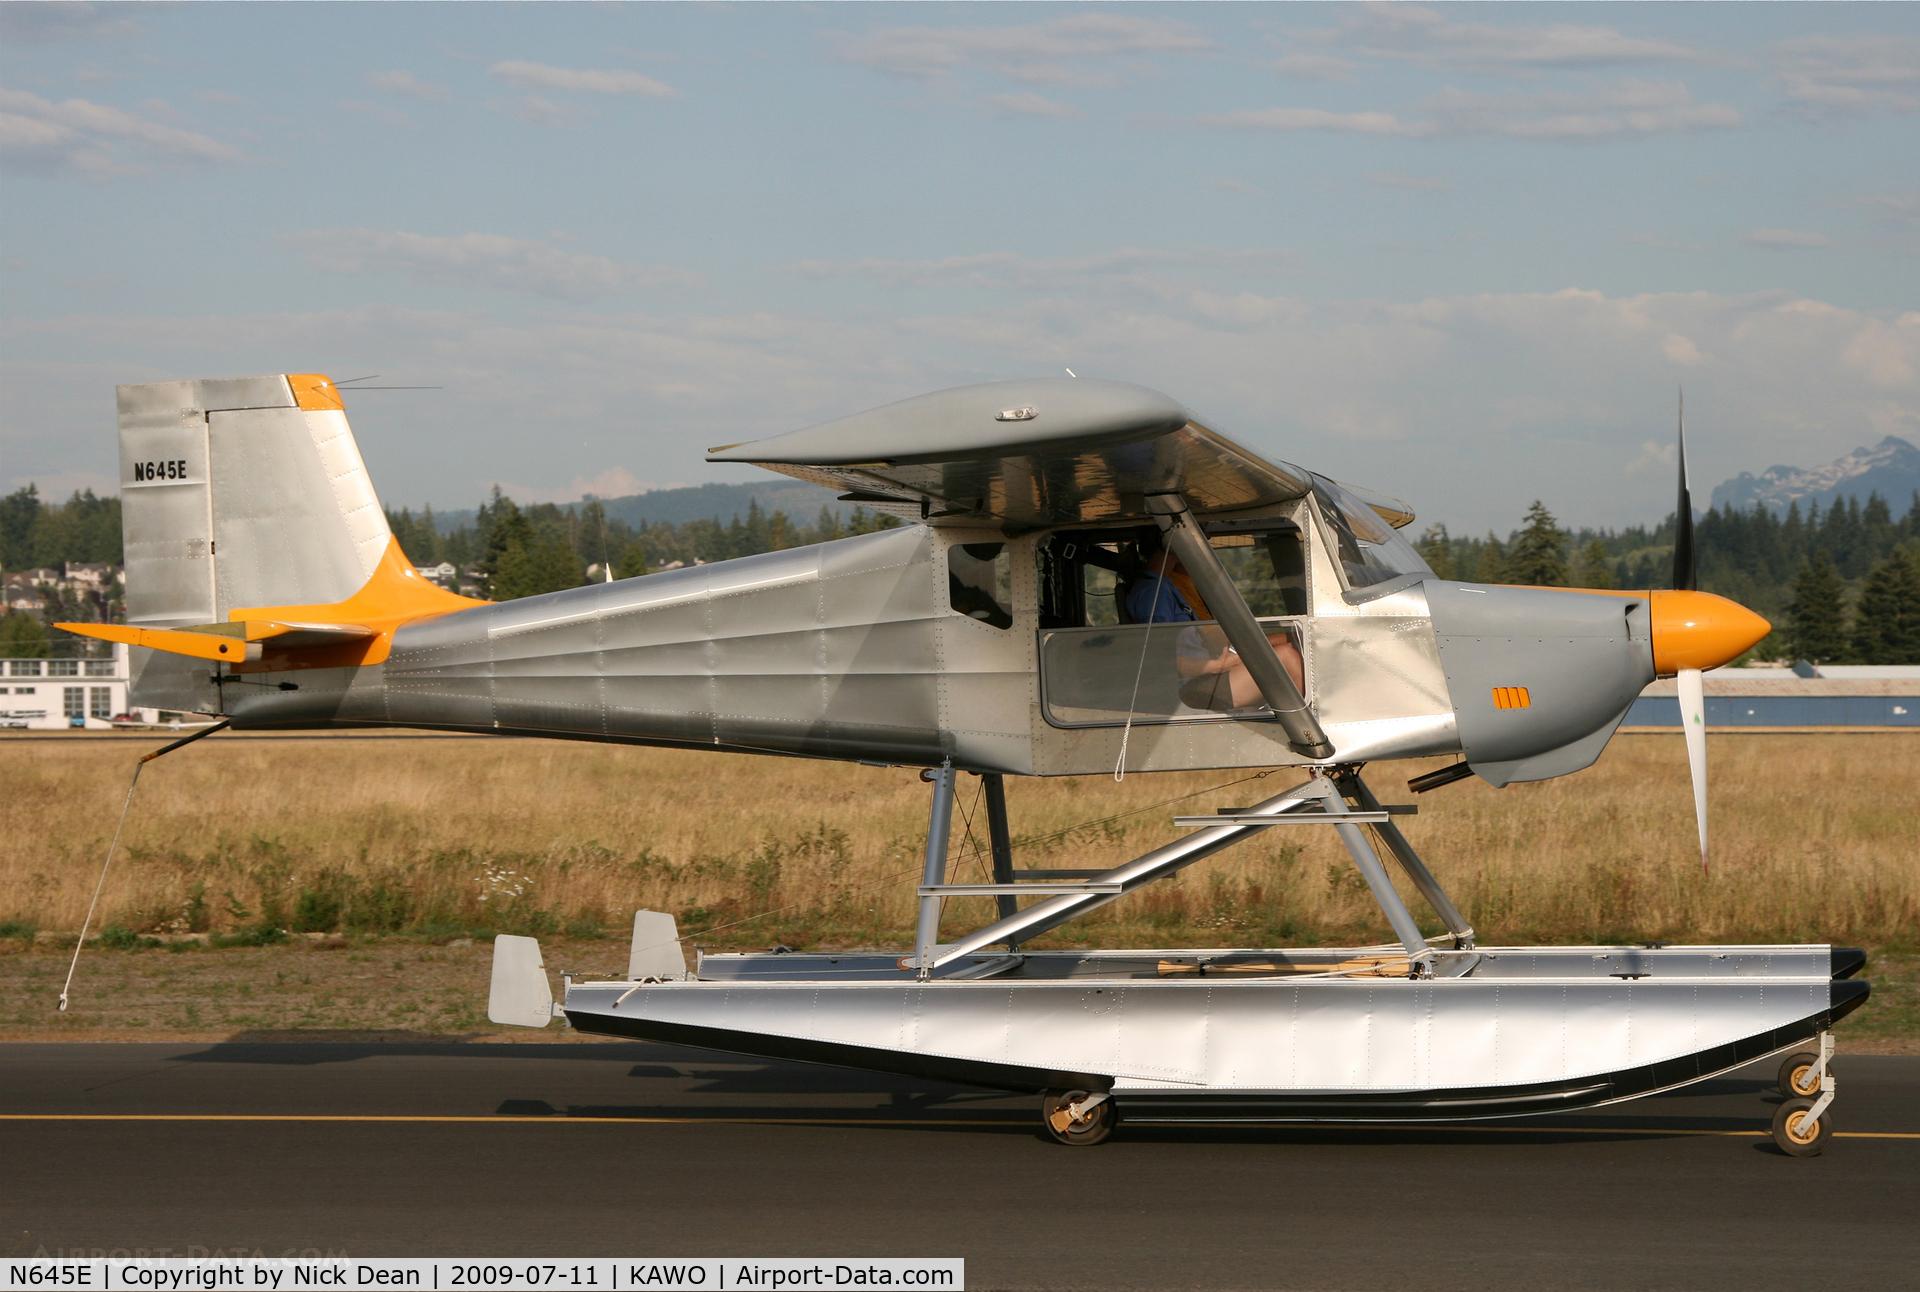 N645E, 2008 Murphy Elite C/N 645E, KAWO